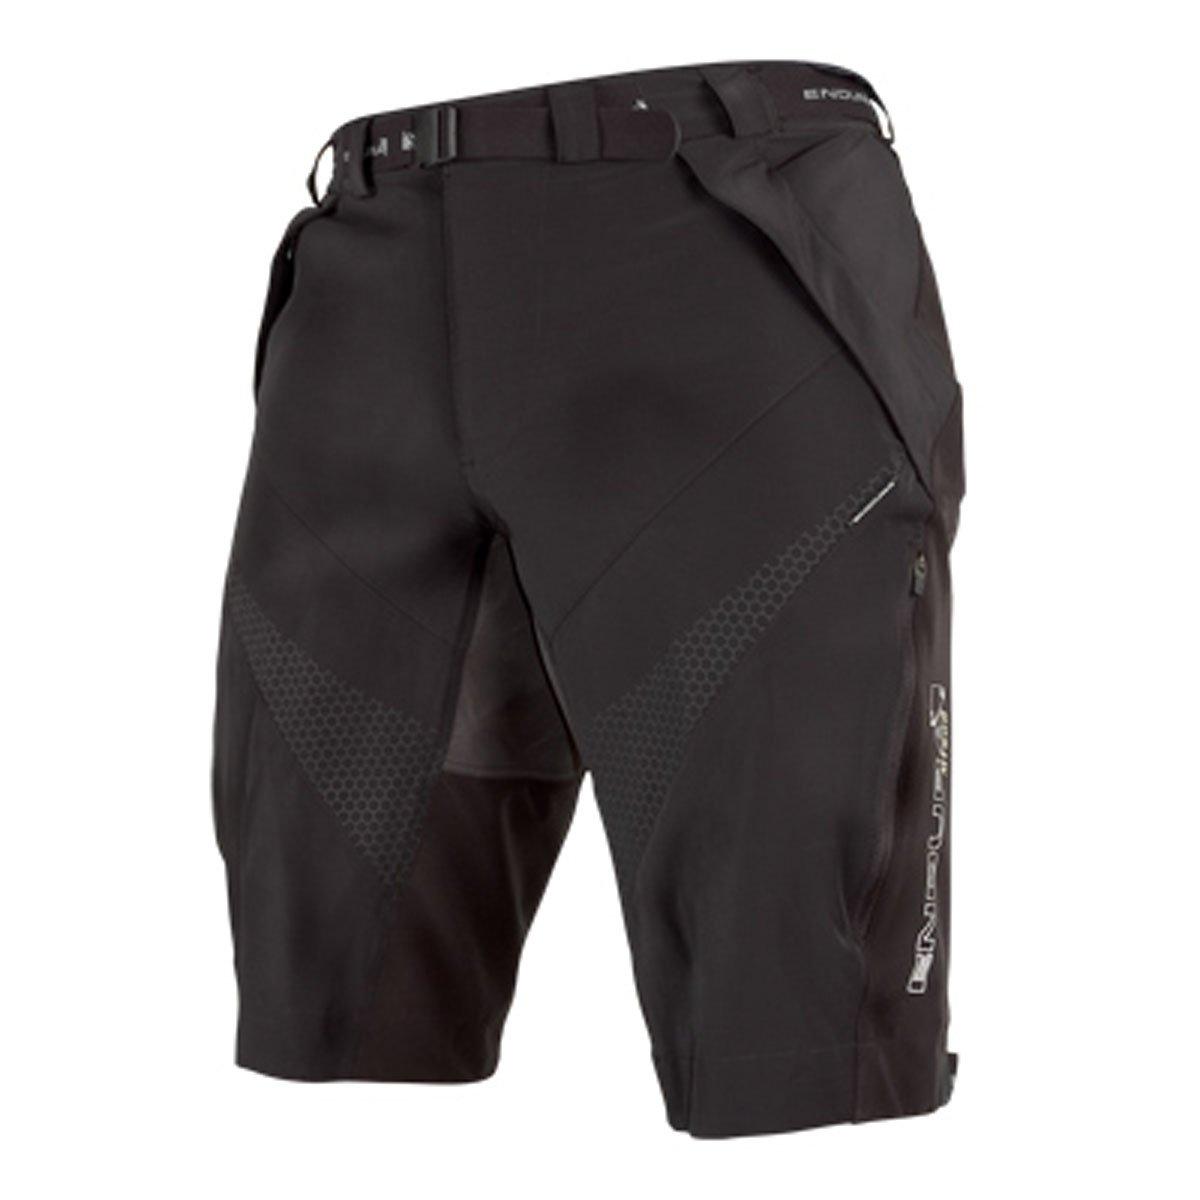 ENDURA–MT500Spray baggyshorts, Non Liner/wproof Rear, Colore: Nero, Taglia XL E8014/6